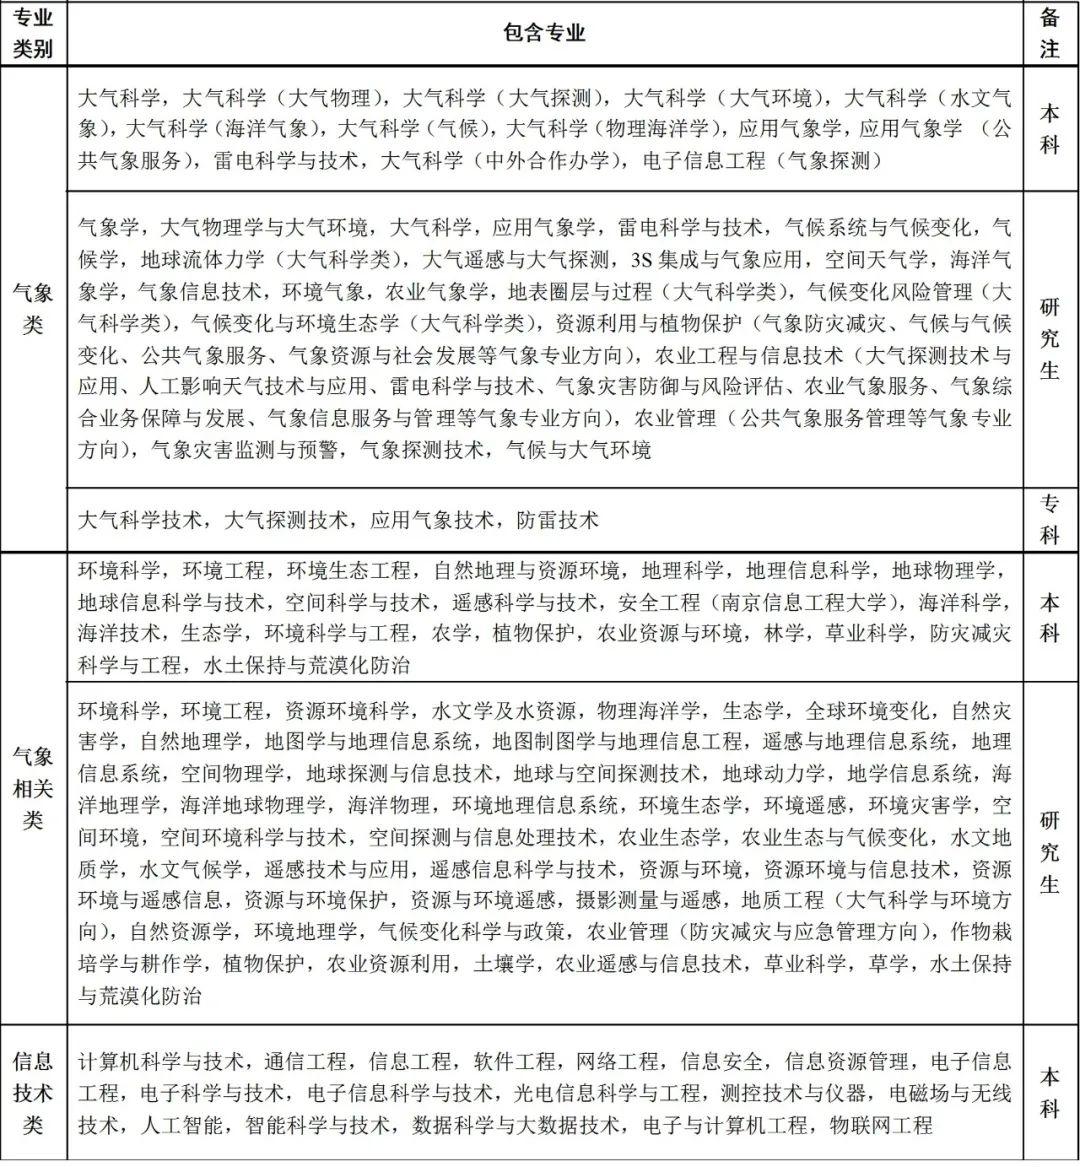 《【杏耀手机版登录地址】速看!十堰气象部门招聘14人,有编制》